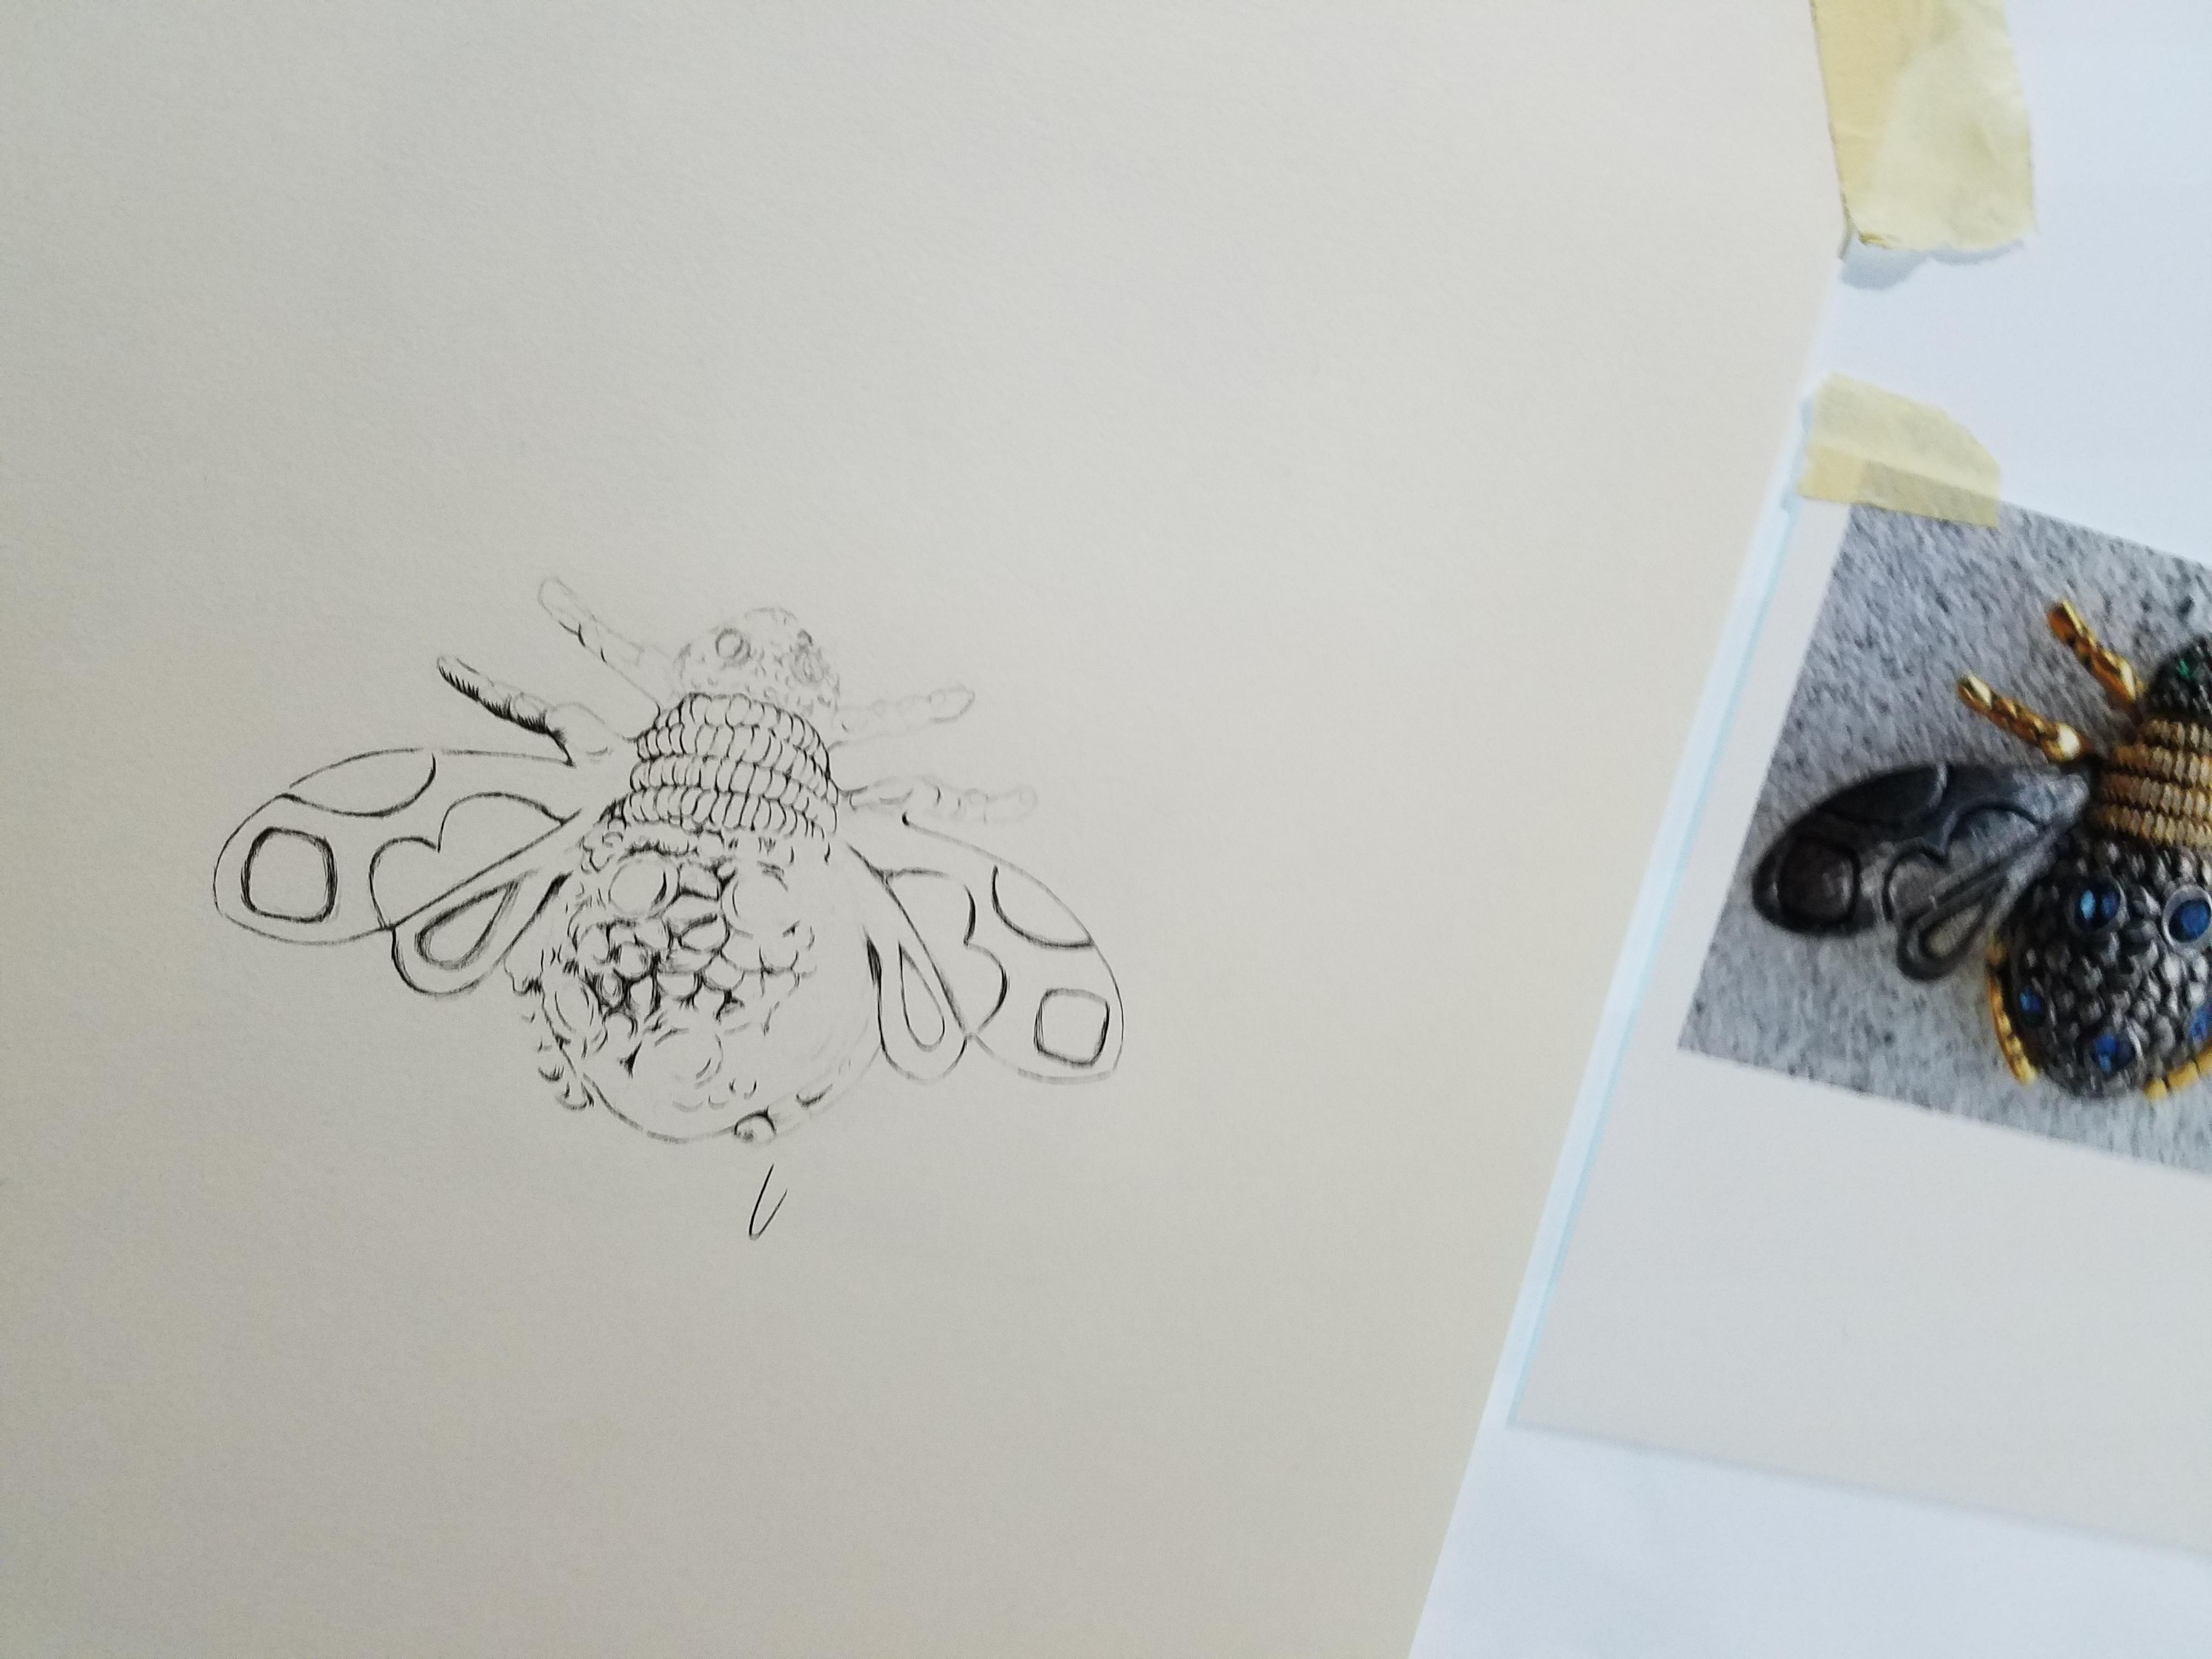 Queen Bee Brooch Ink Work in progress ©2018 alecia goodman to present